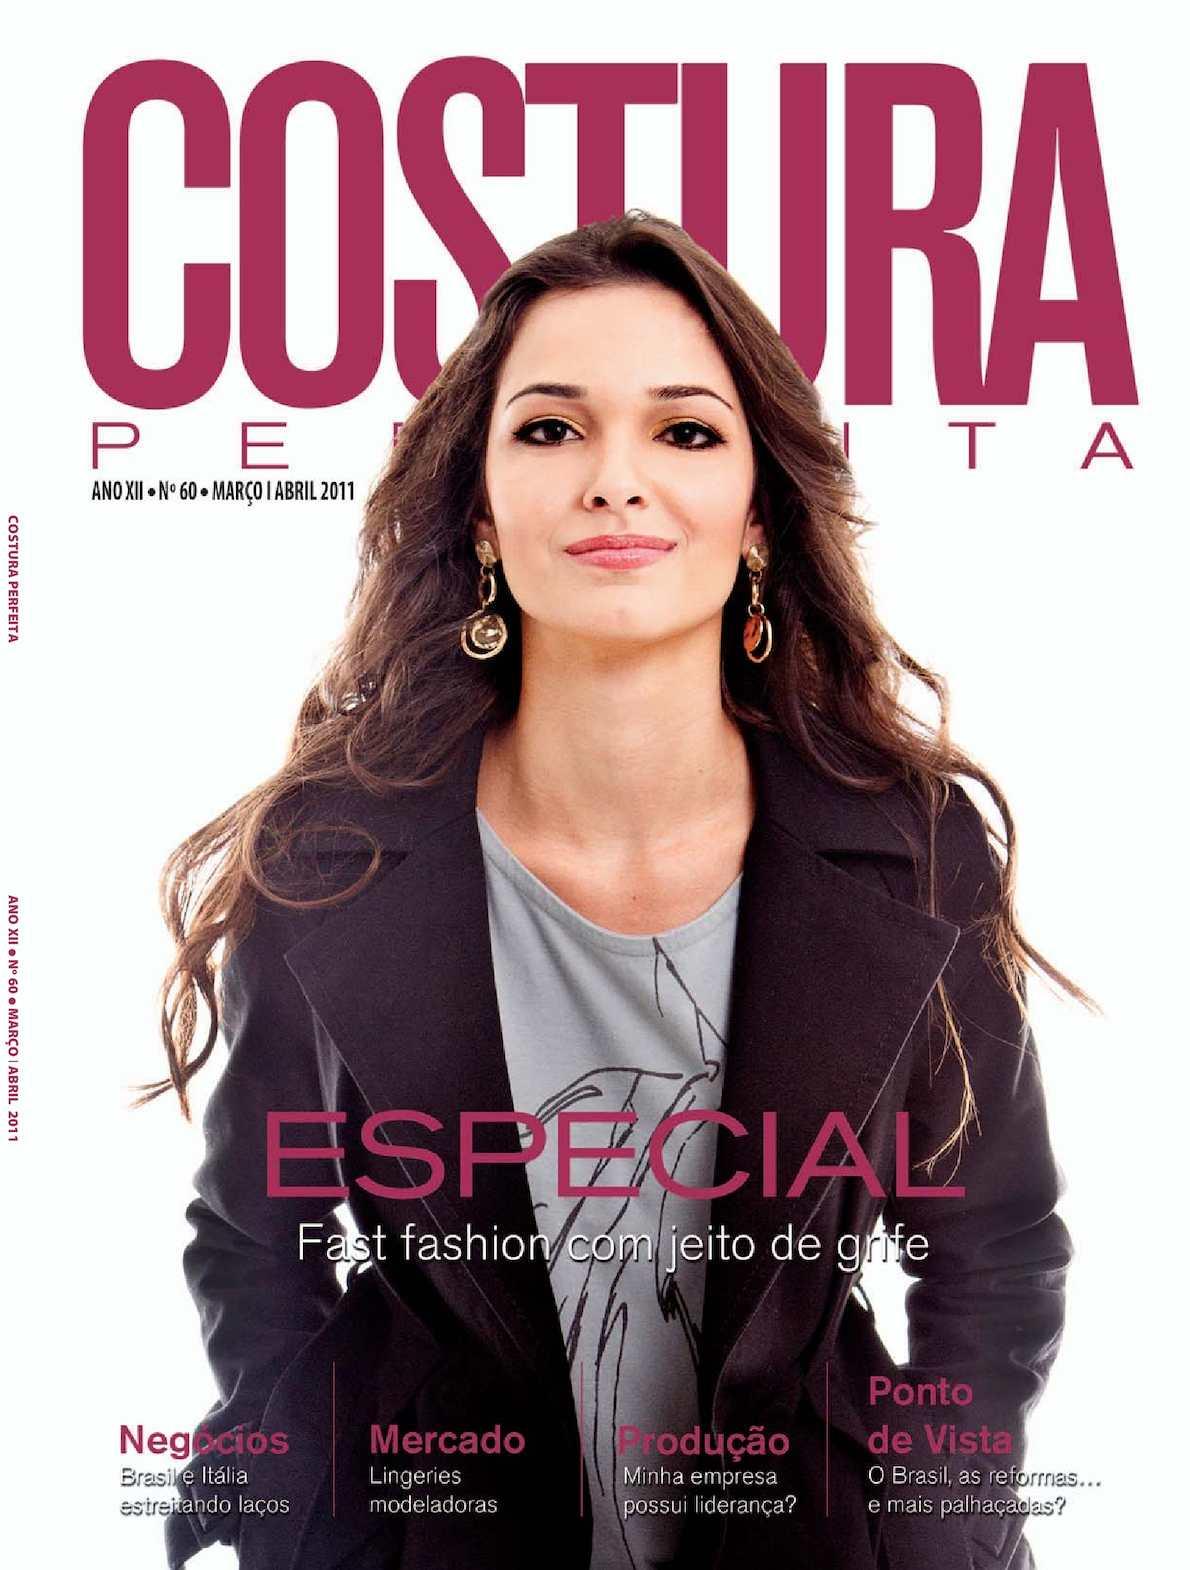 0e3b0bdf0a772 Calaméo - Revista Costura Perfeita Edição Ano XII - N60 - Março-Abril 2011